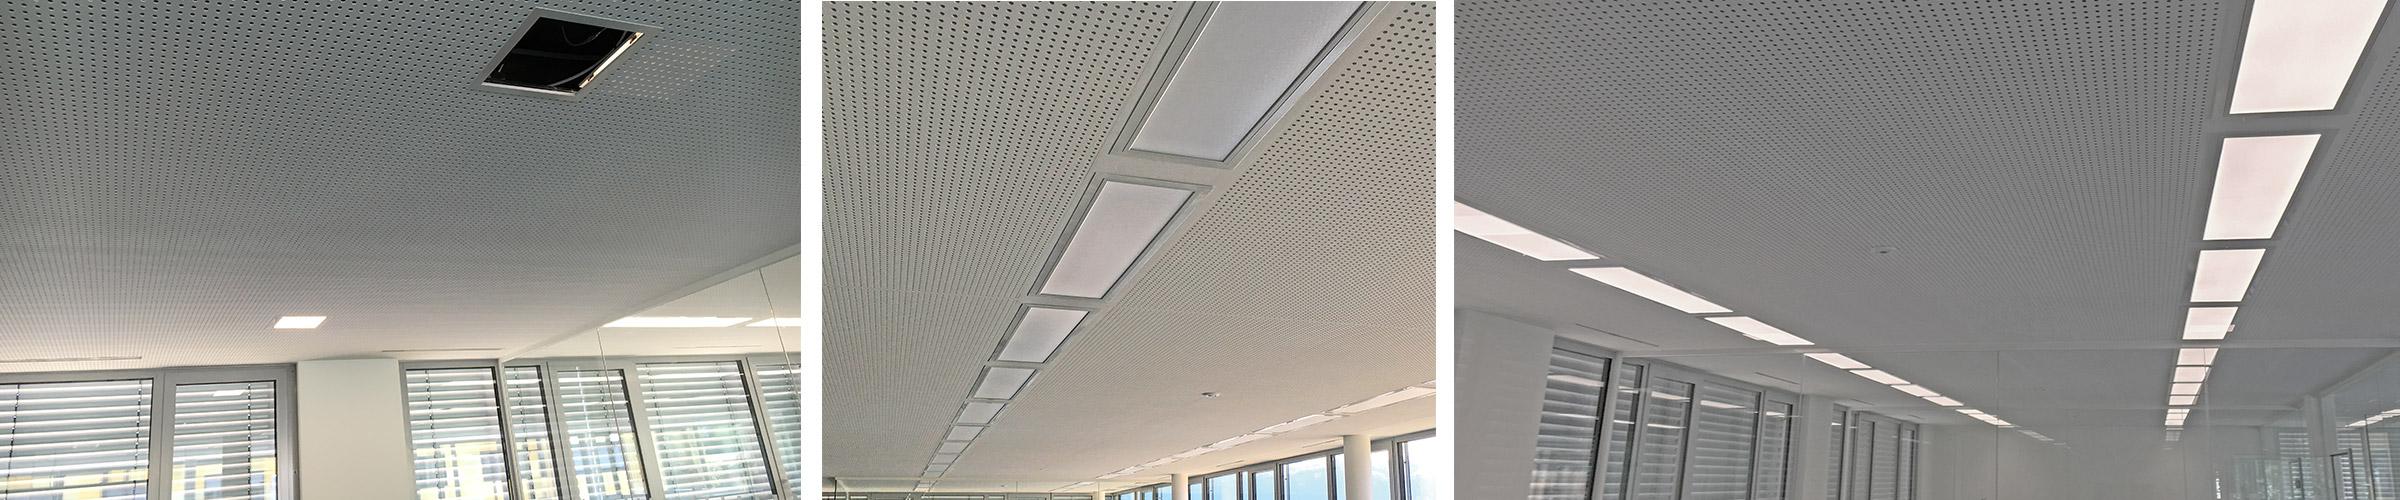 Büro PORR mit SML LED Produkten